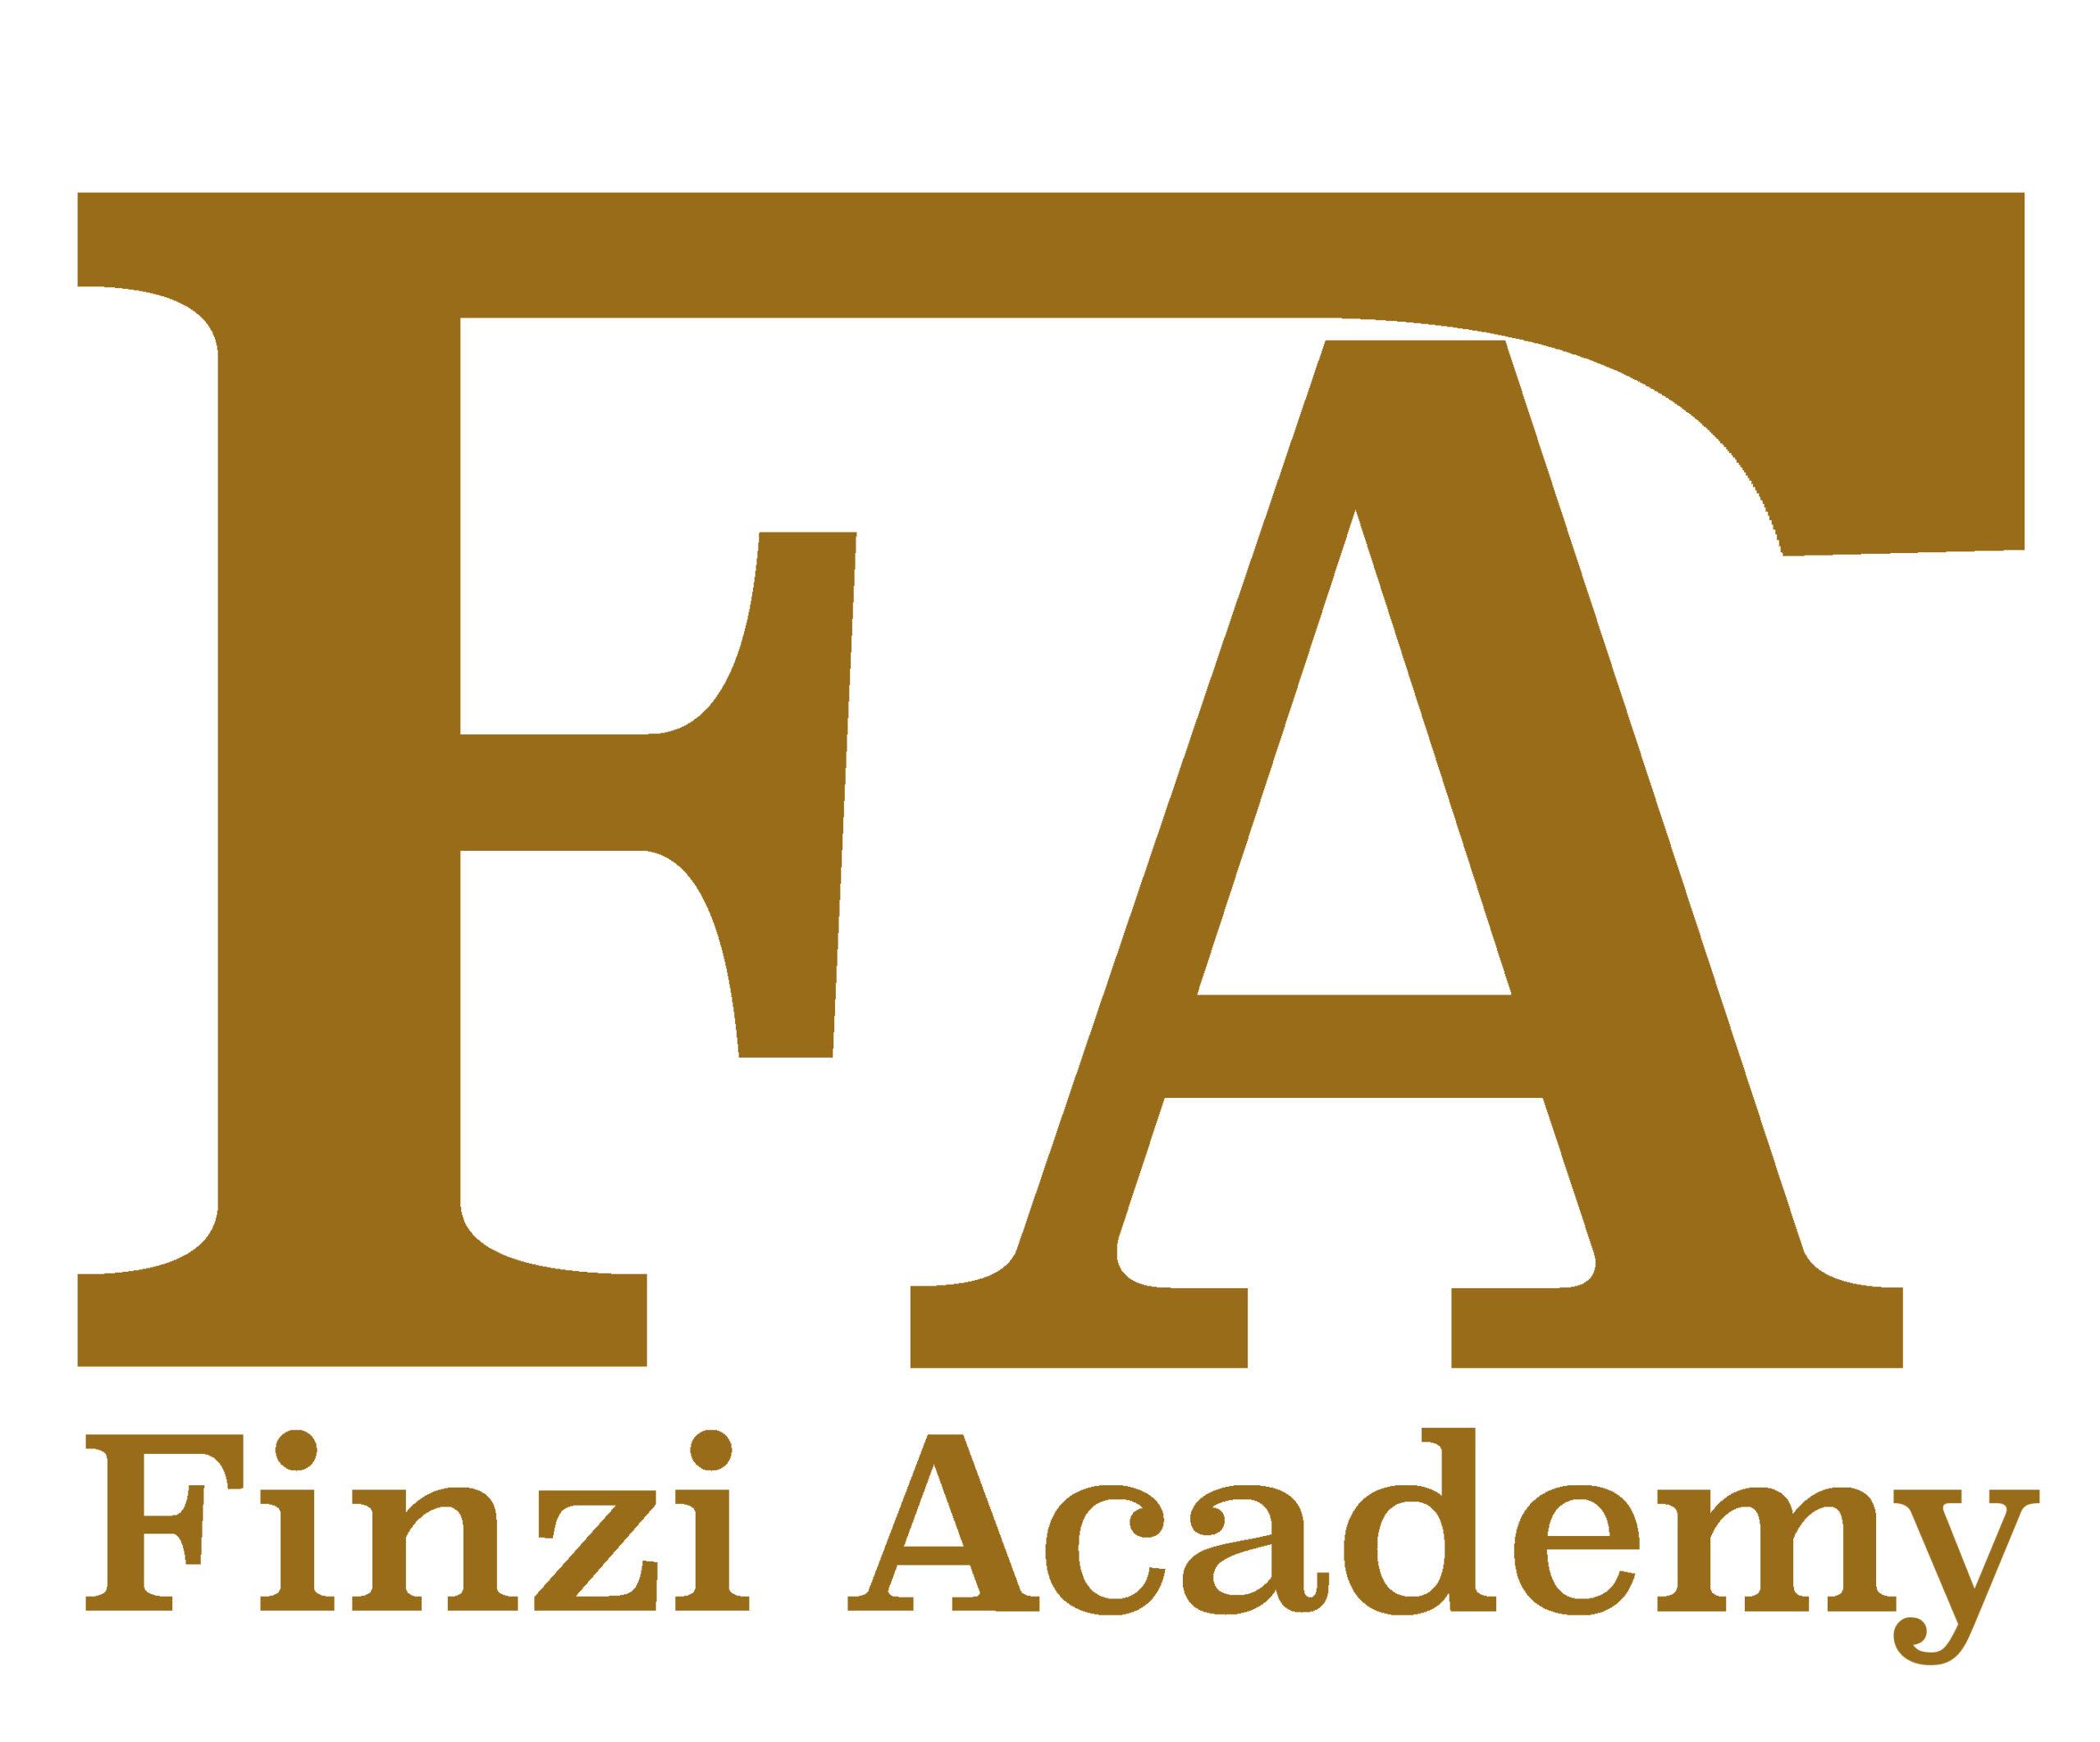 Finzi Academy